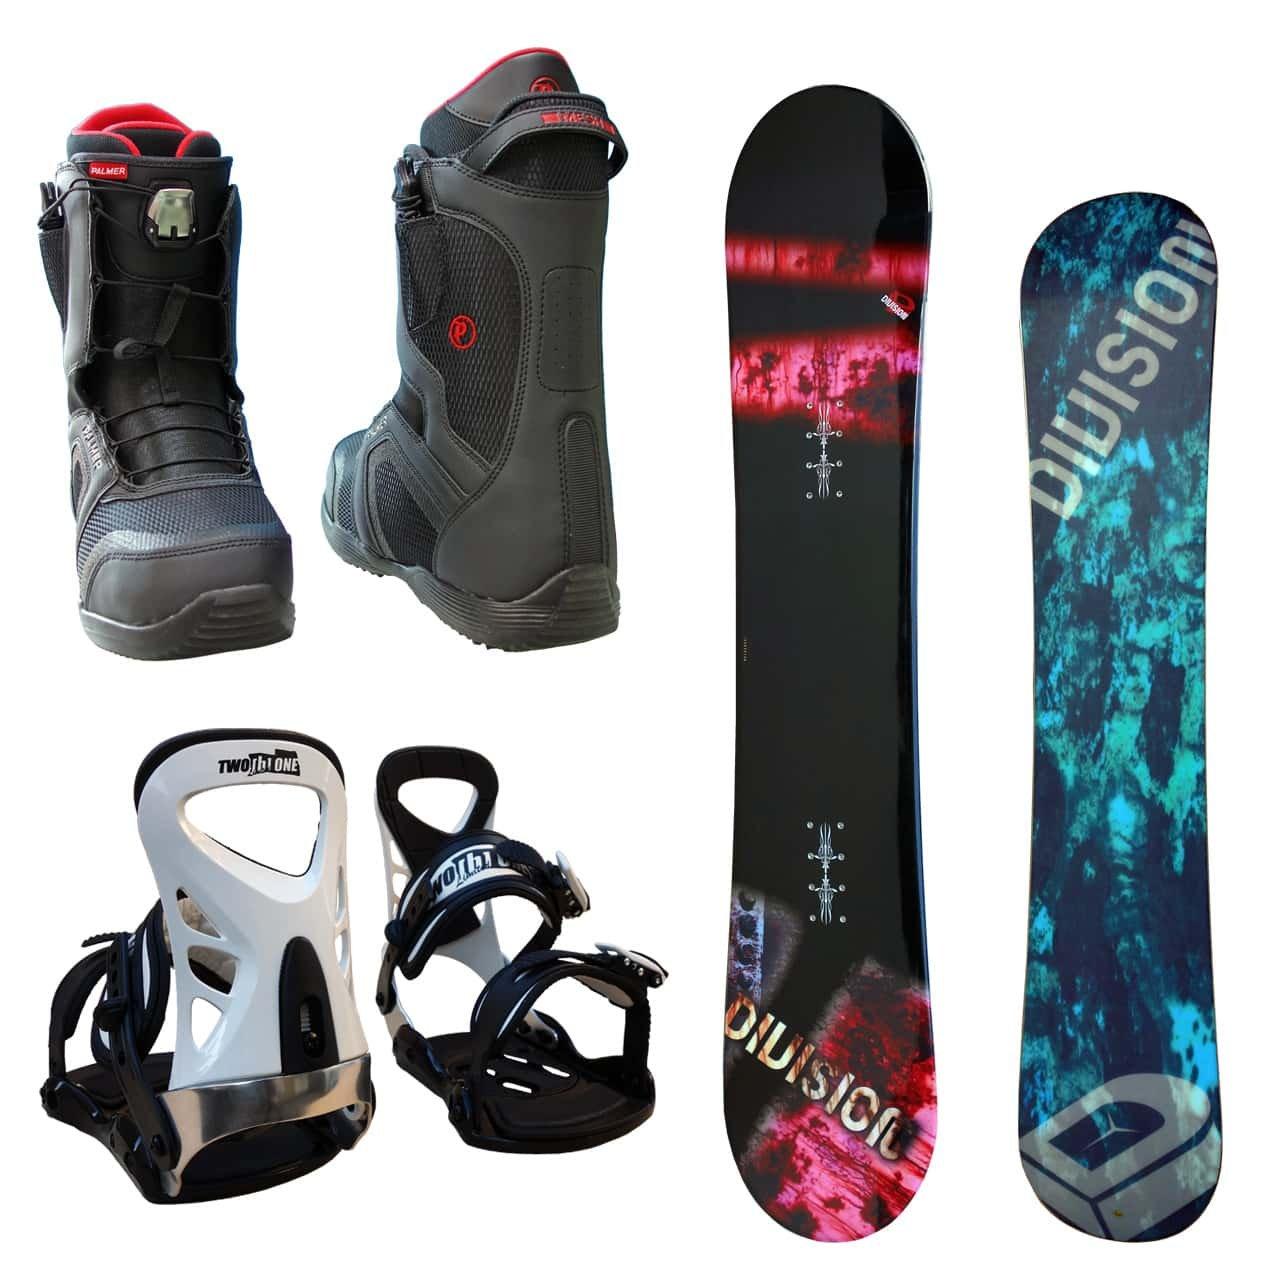 DIVISION メンズ スノーボード3点セット スノボー+バインディング+クイックシューレースブーツ B078ZZ6DMS ボード 152+ブーツ 26.5|ボード レッド+binding ツートン+bootsブラック ボード レッド+binding ツートン+bootsブラック ボード 152+ブーツ 26.5